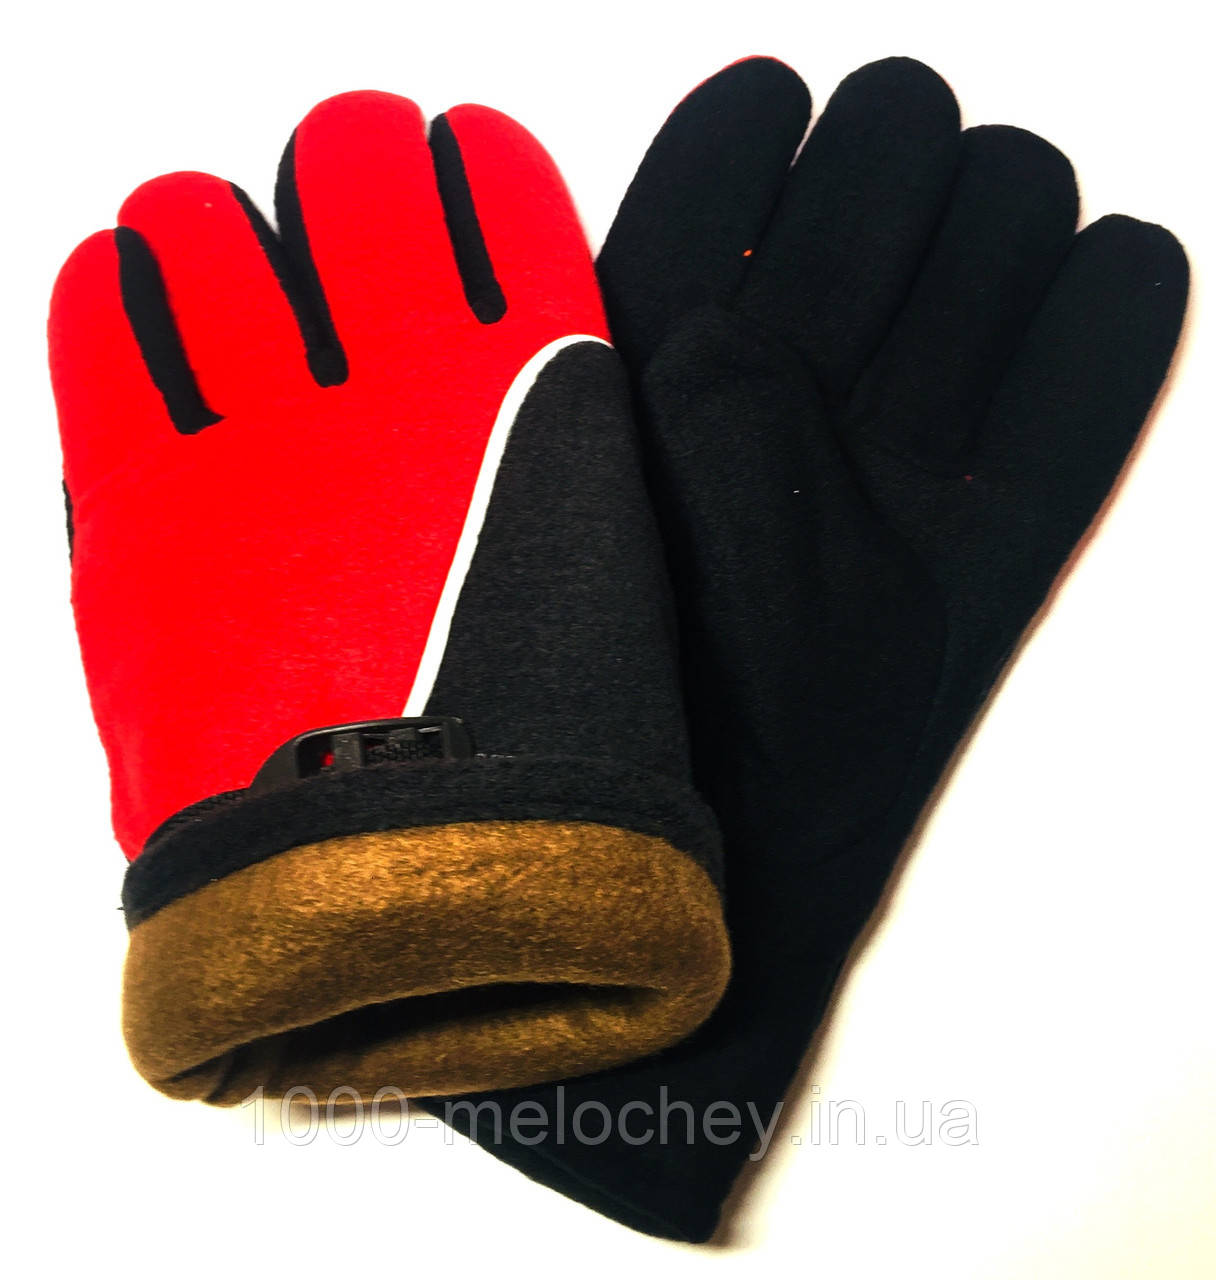 Рукавички робочі флісові, подвійні Зима